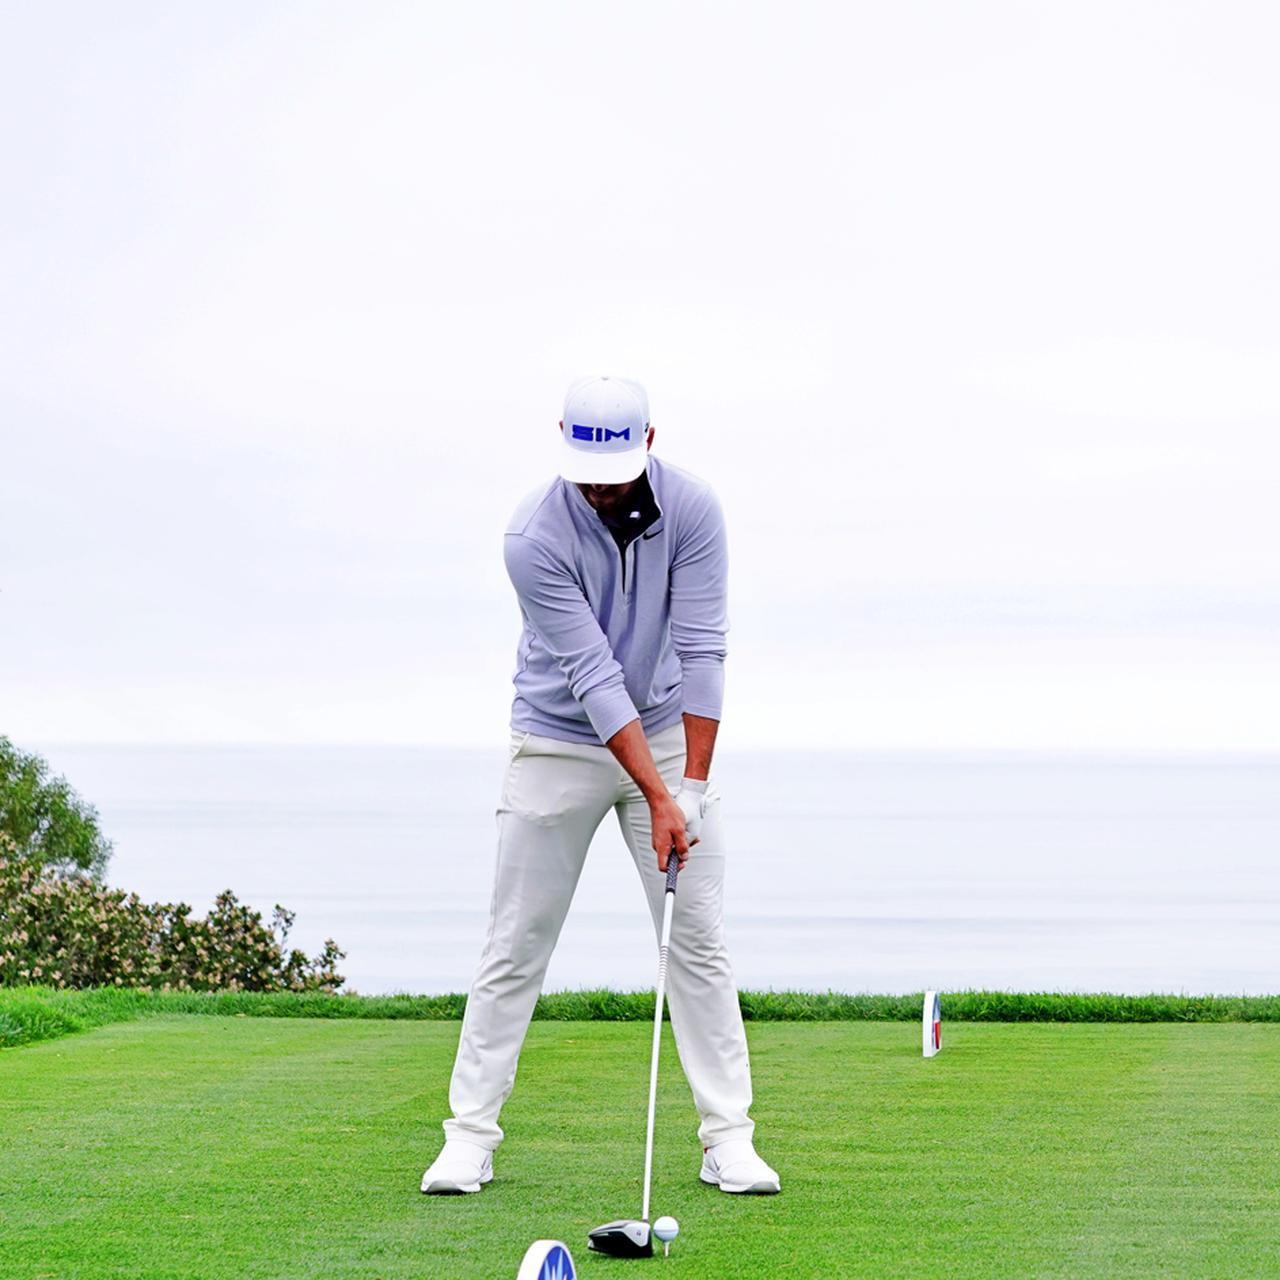 画像7: 【ビクトル・ホブラン/コリン・モリカワ/マシュー・ウルフ】PGAツアーの黄金世代は、すでに全員チャンピオン!